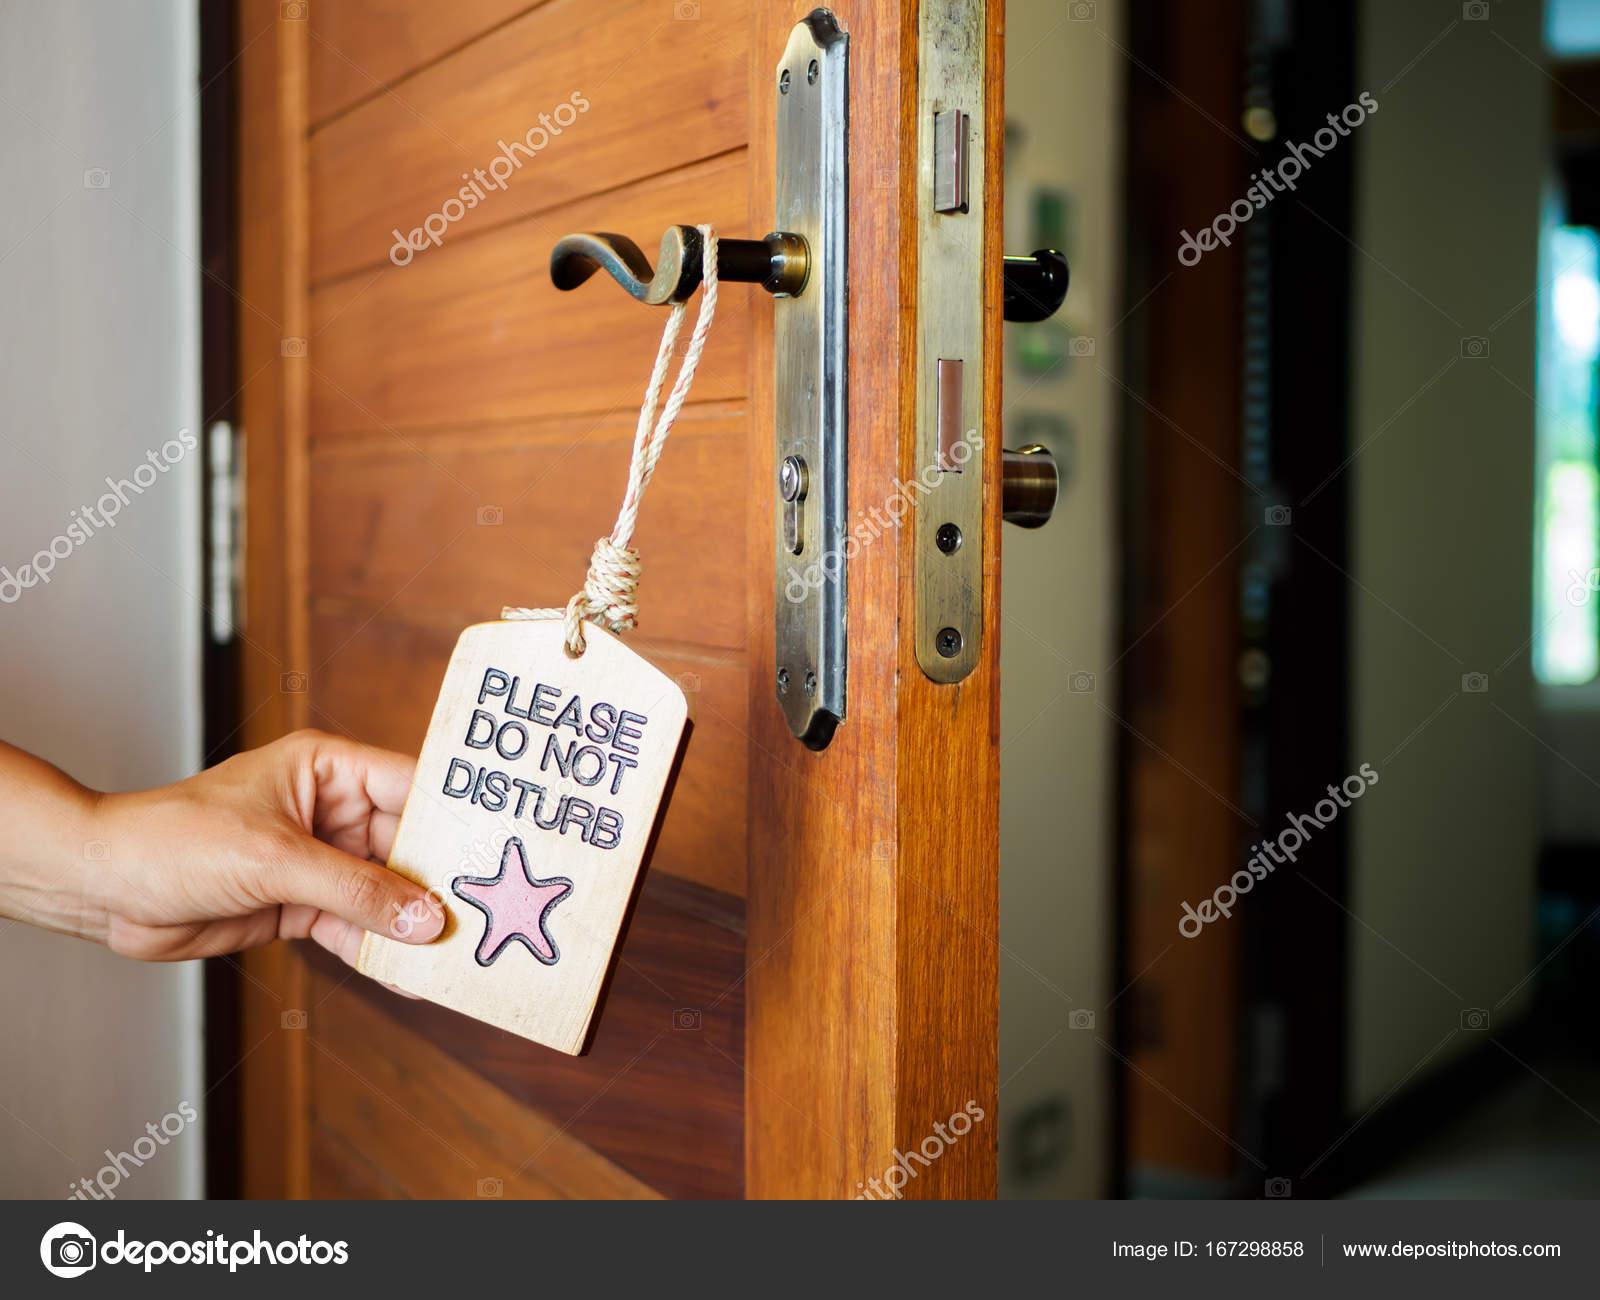 panneau ne pas d ranger accroch sur la porte ouverte dans un h tel photographie spukkato. Black Bedroom Furniture Sets. Home Design Ideas